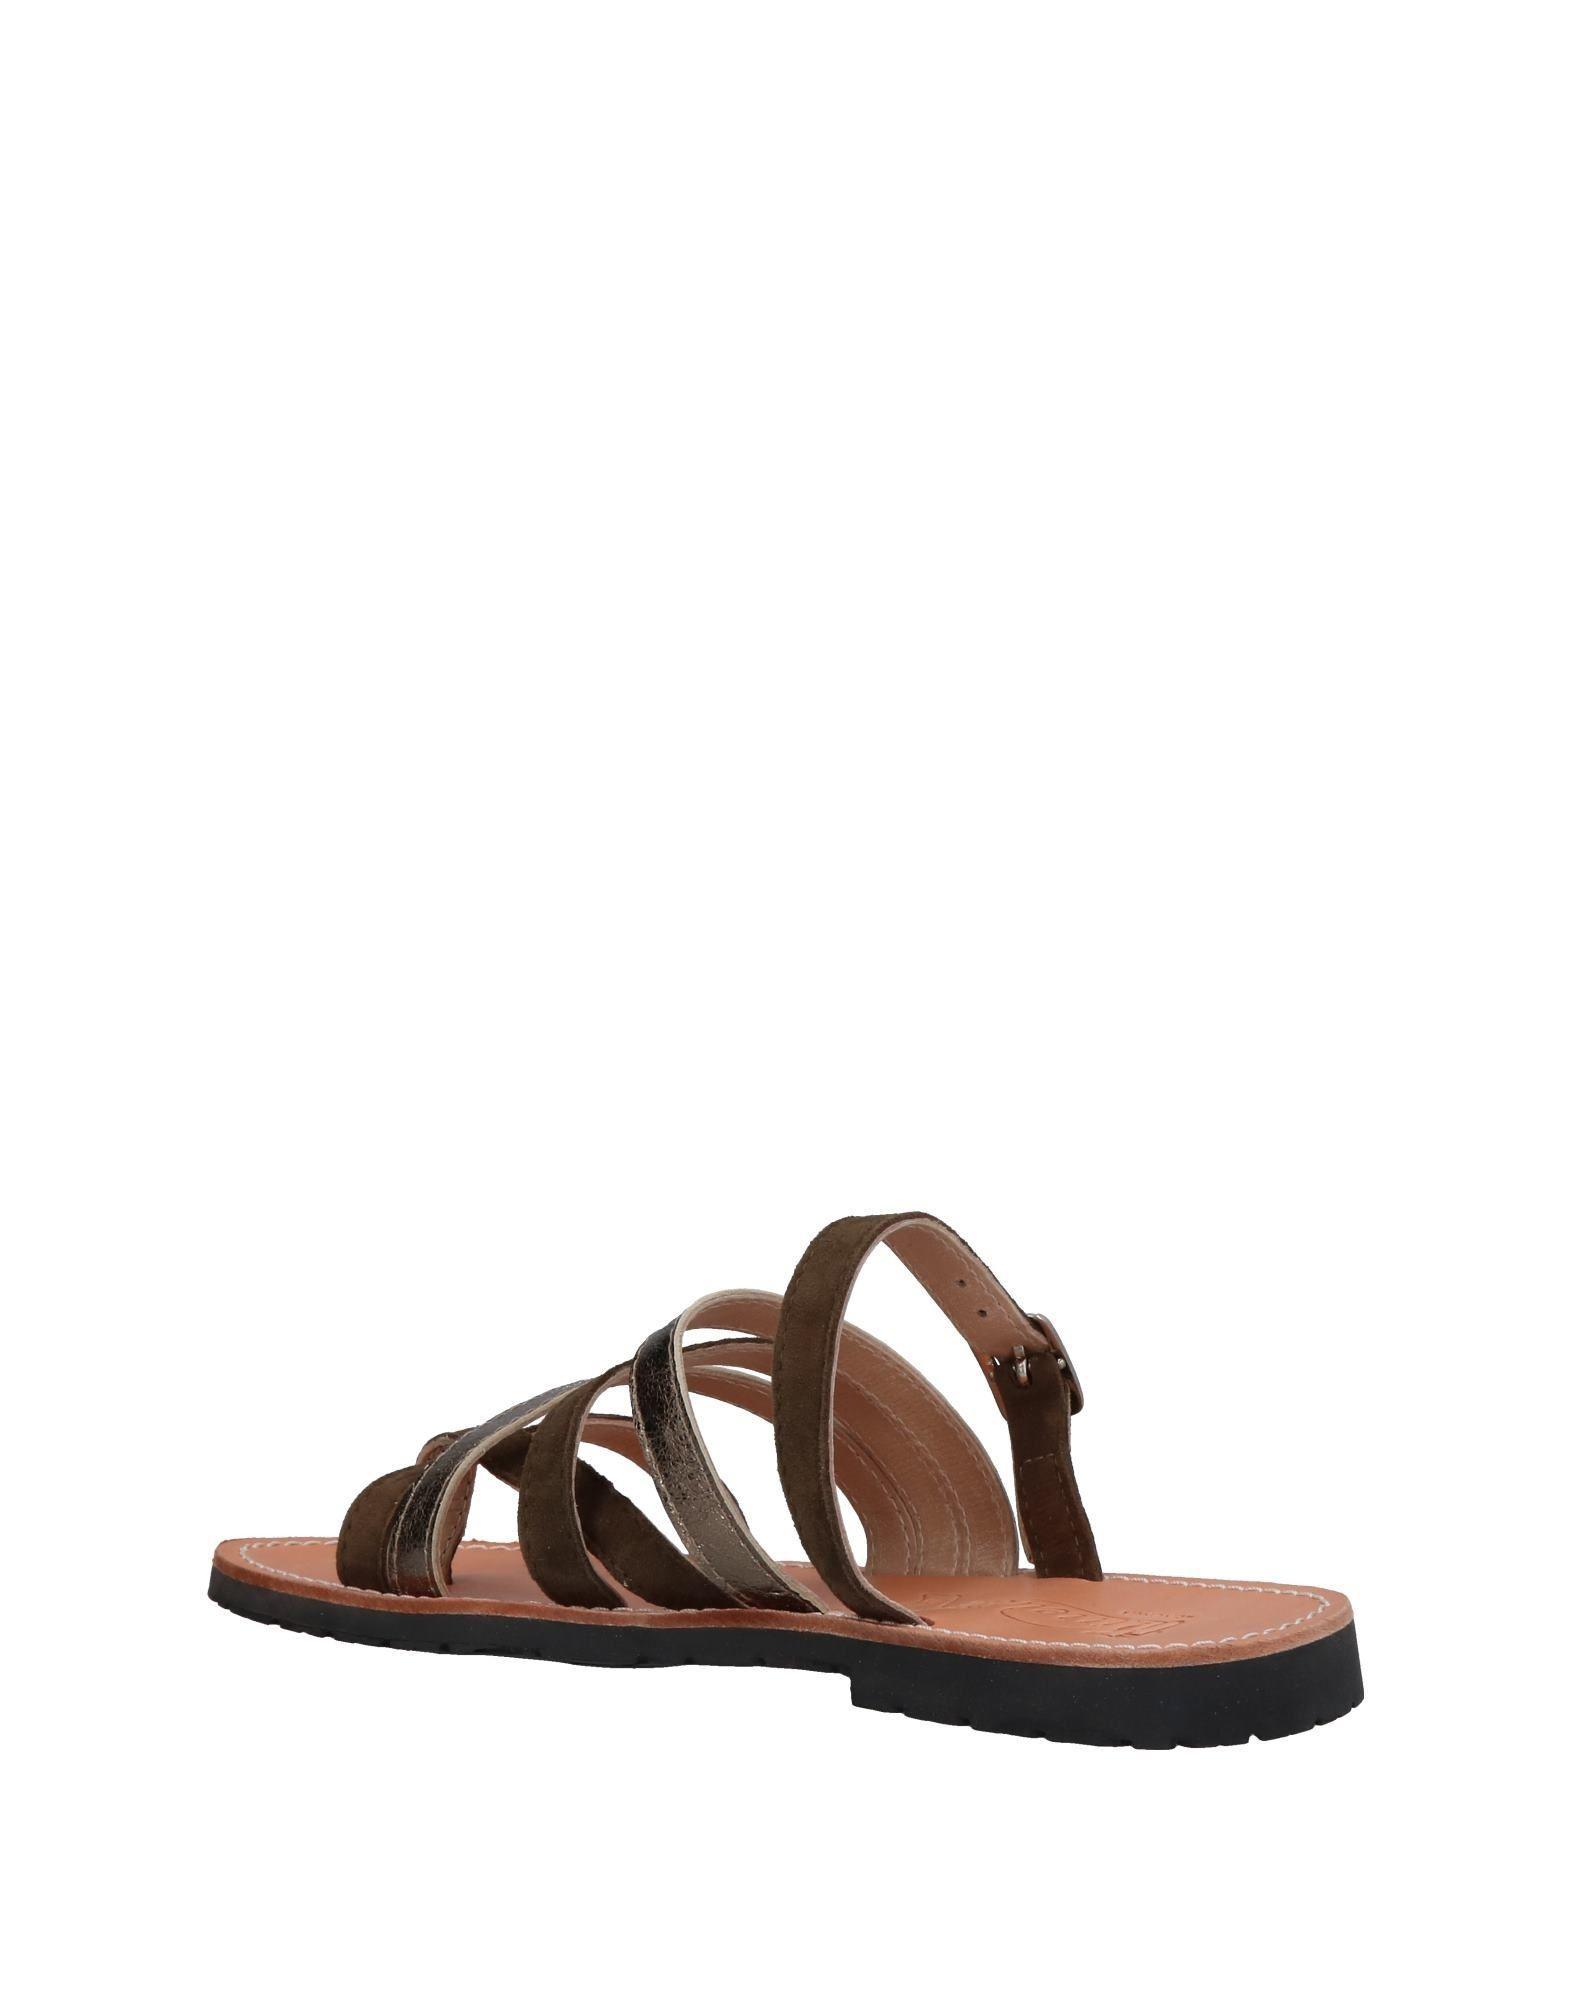 FOOTWEAR - Toe post sandals Virreina MnDW3ri2d